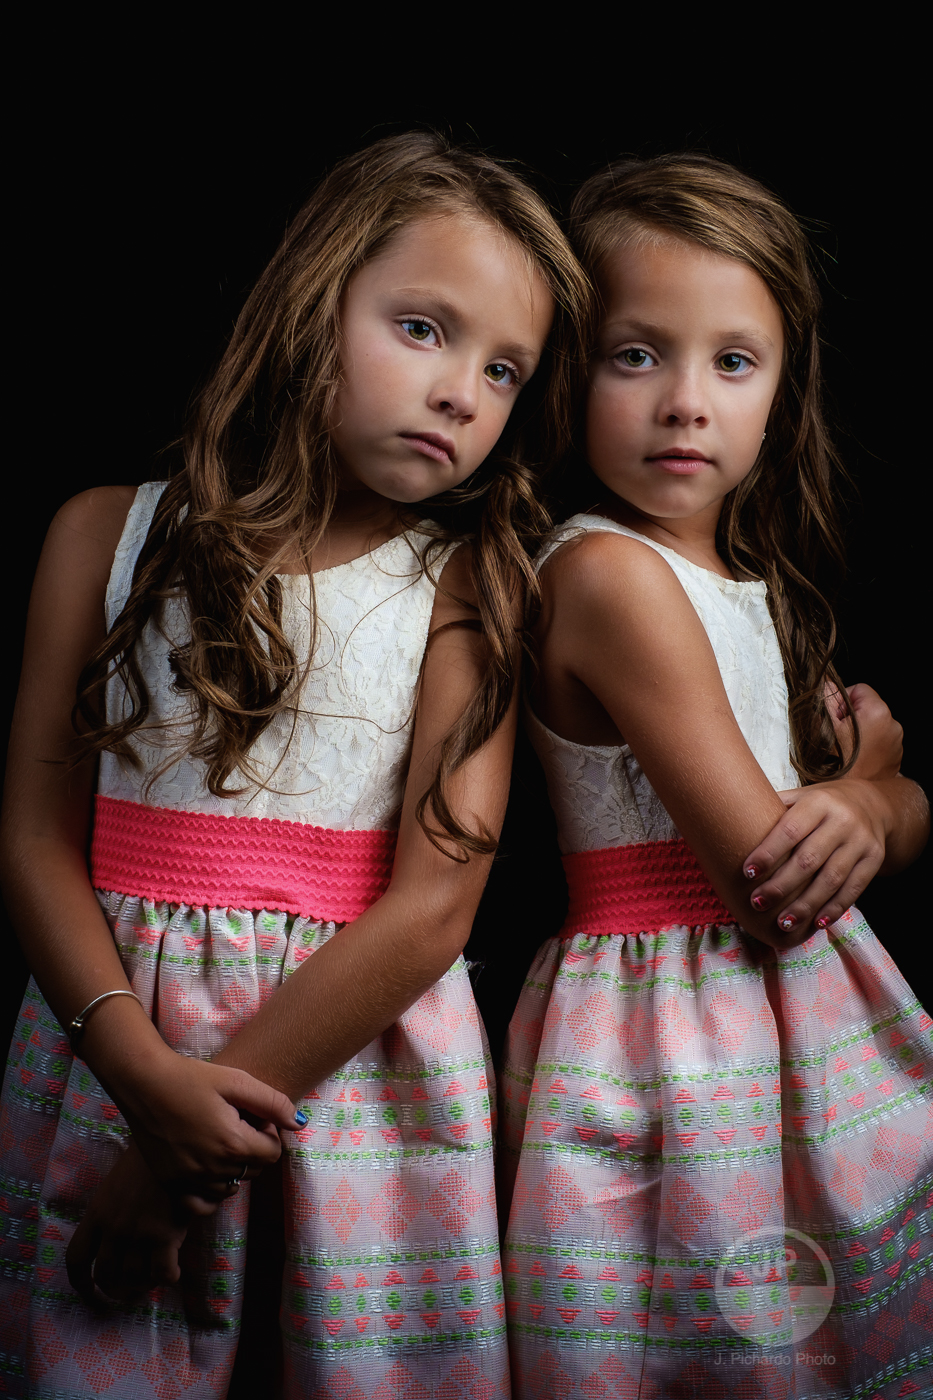 Two People Portrait